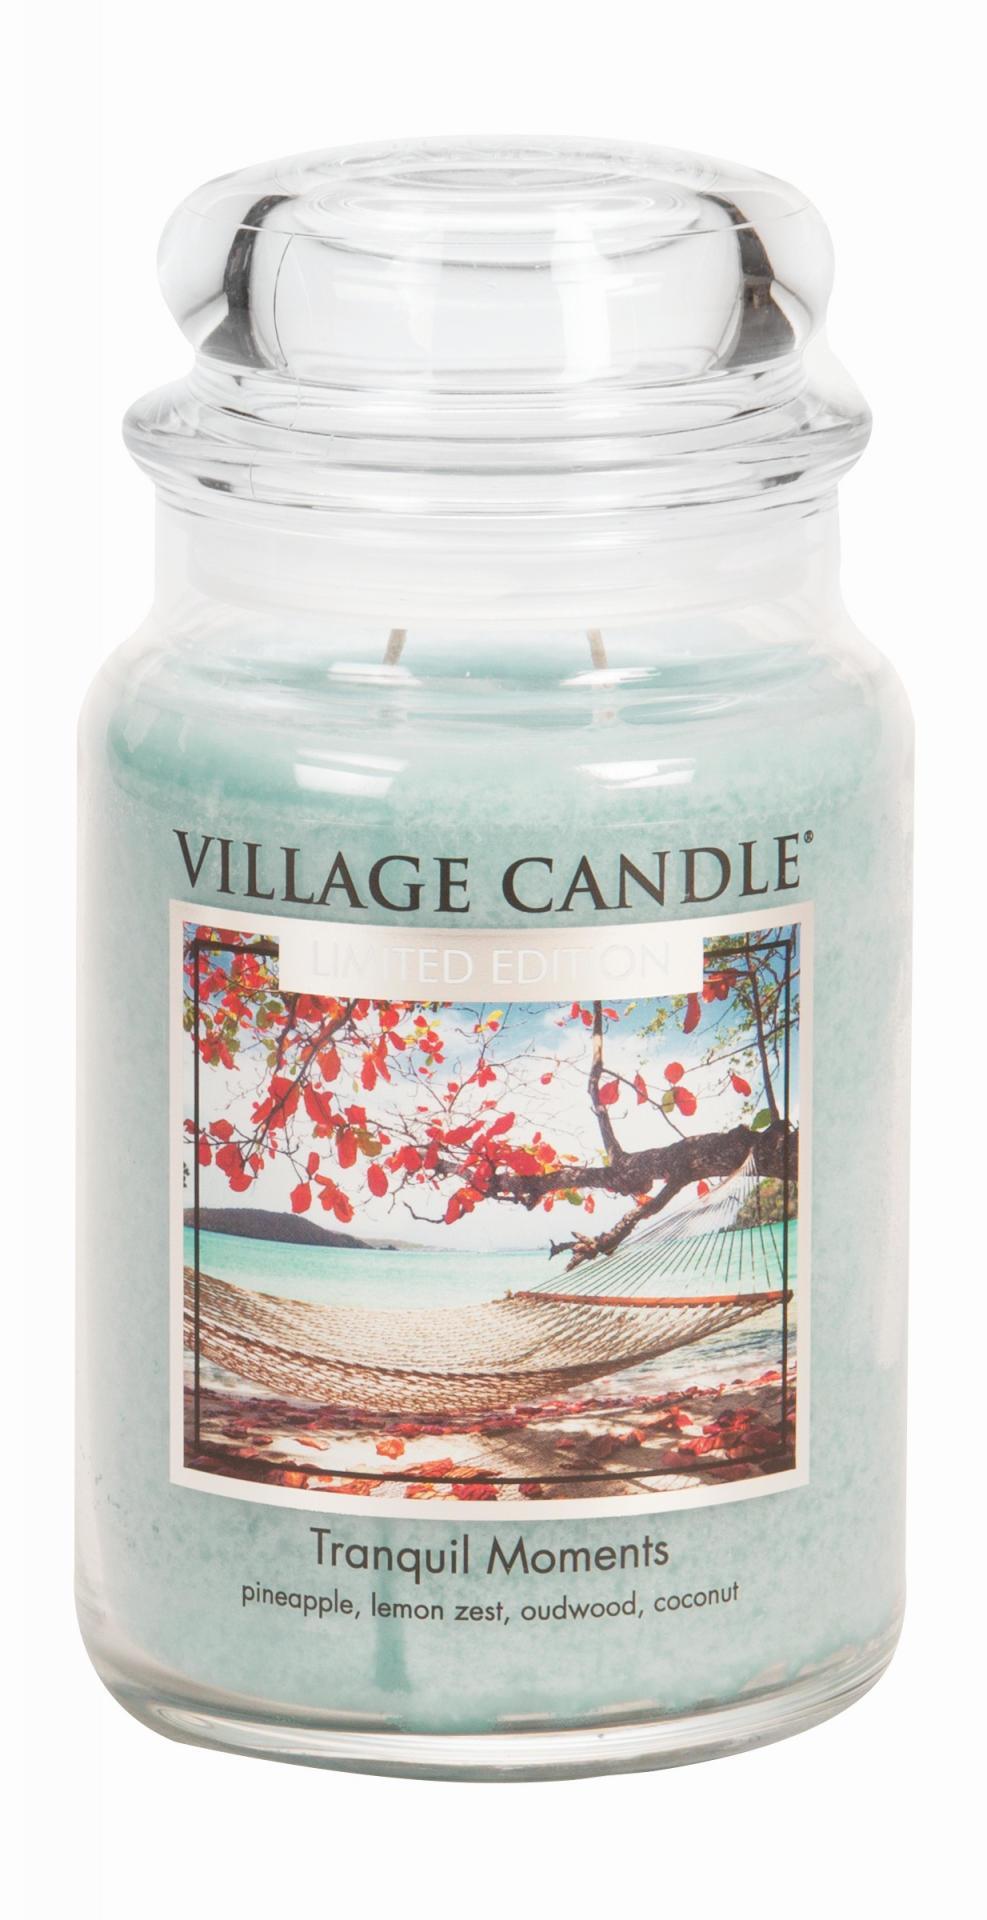 VILLAGE CANDLE Svíčka ve skle Tranquil Moments - velká, modrá barva, sklo